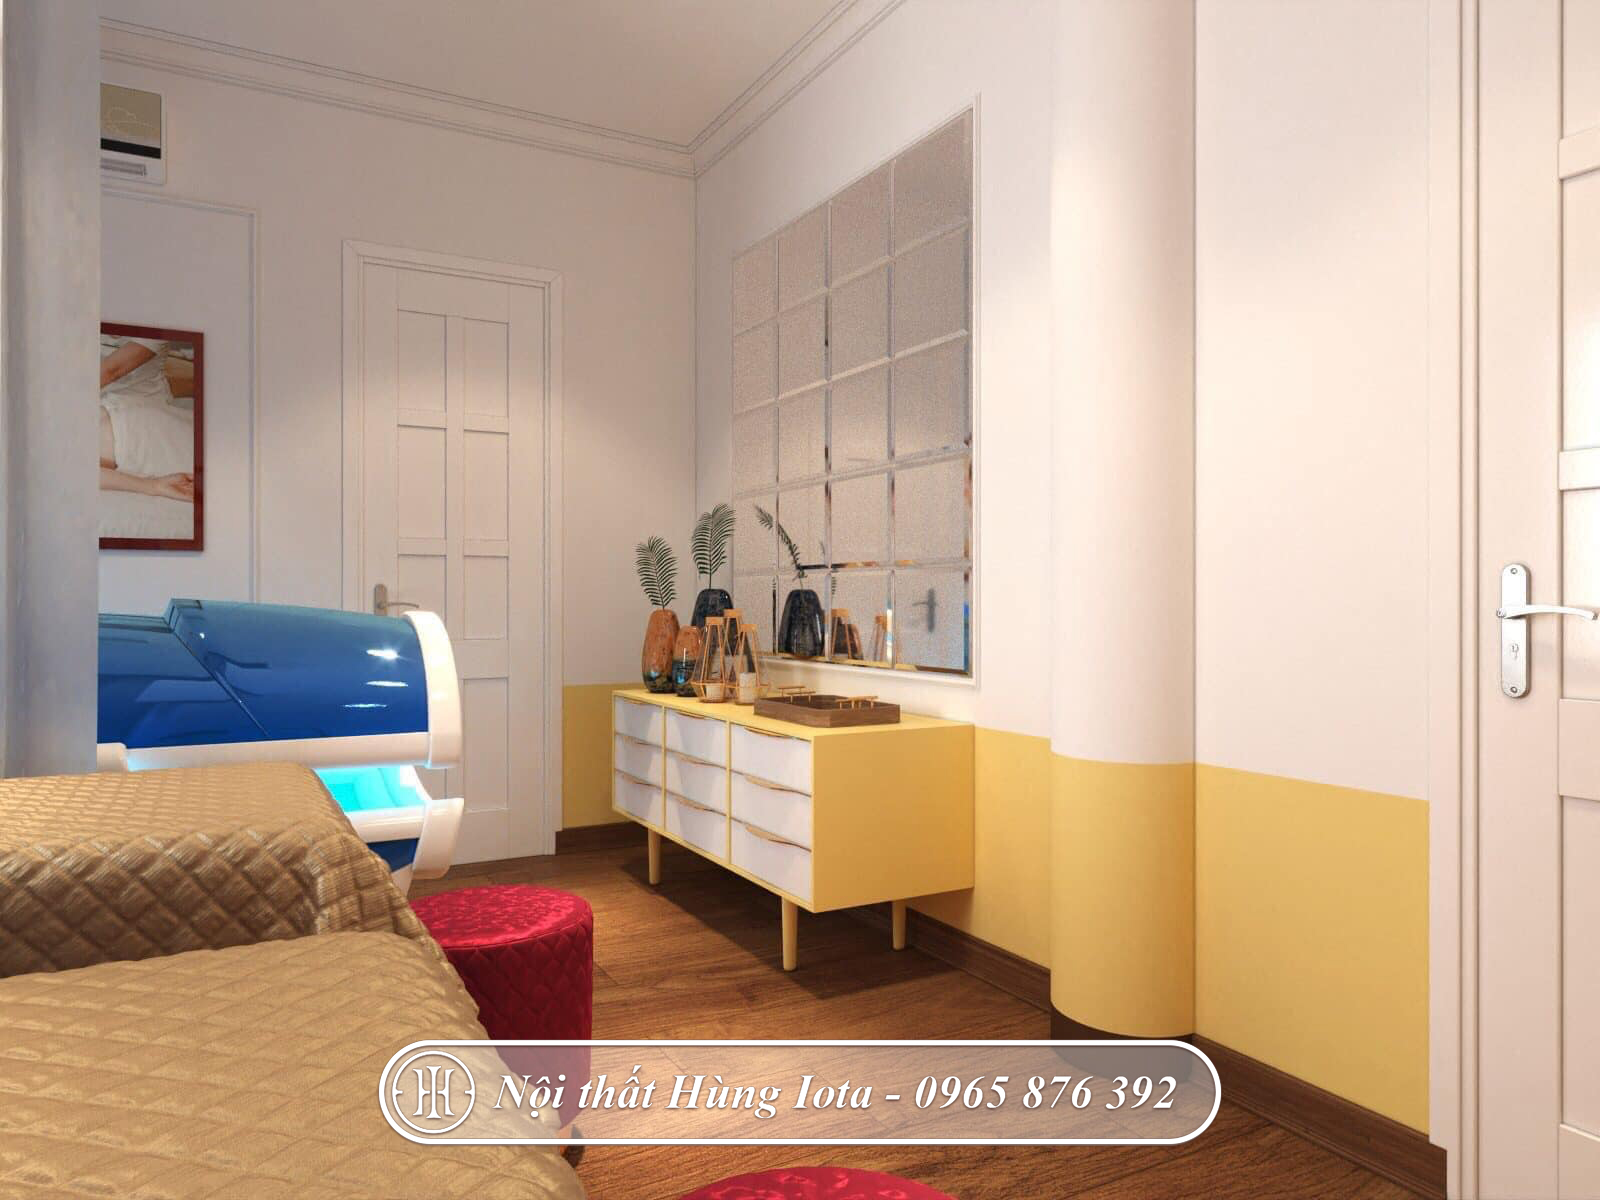 Thiết kế phòng tắm trắng kết hợp massage body cho khách hàng